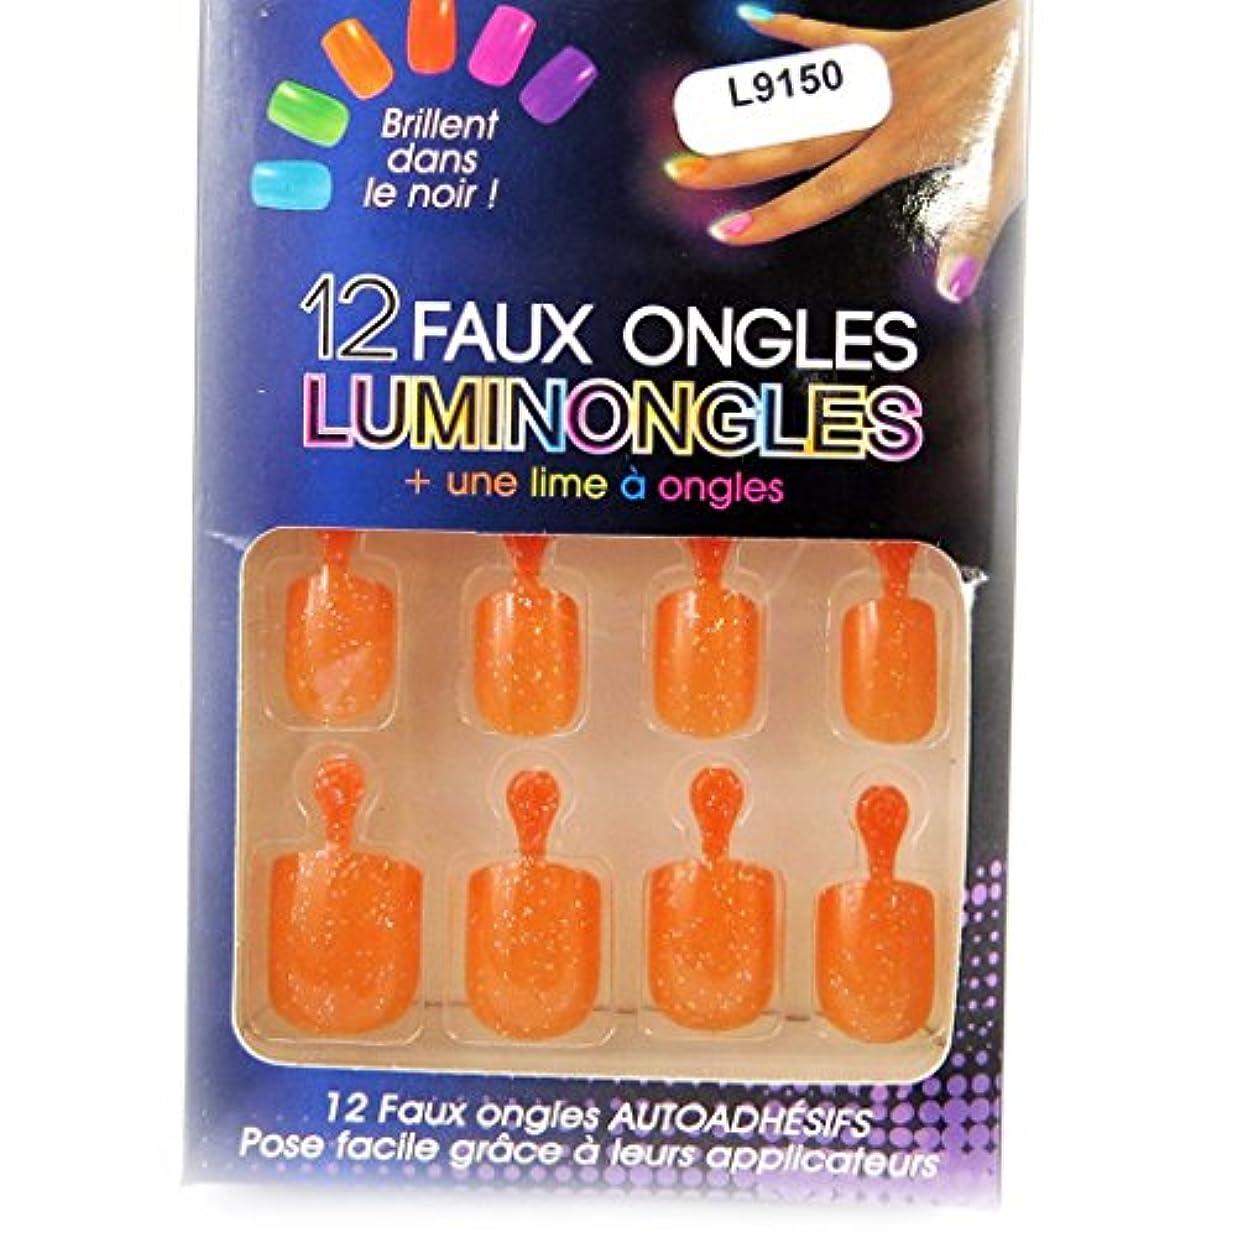 電気大胆な一時的[リリーの宝 (Les Tresors De Lily)] (Luminongles コレクション) [L9150] アクリルスカルプチュア オレンジ